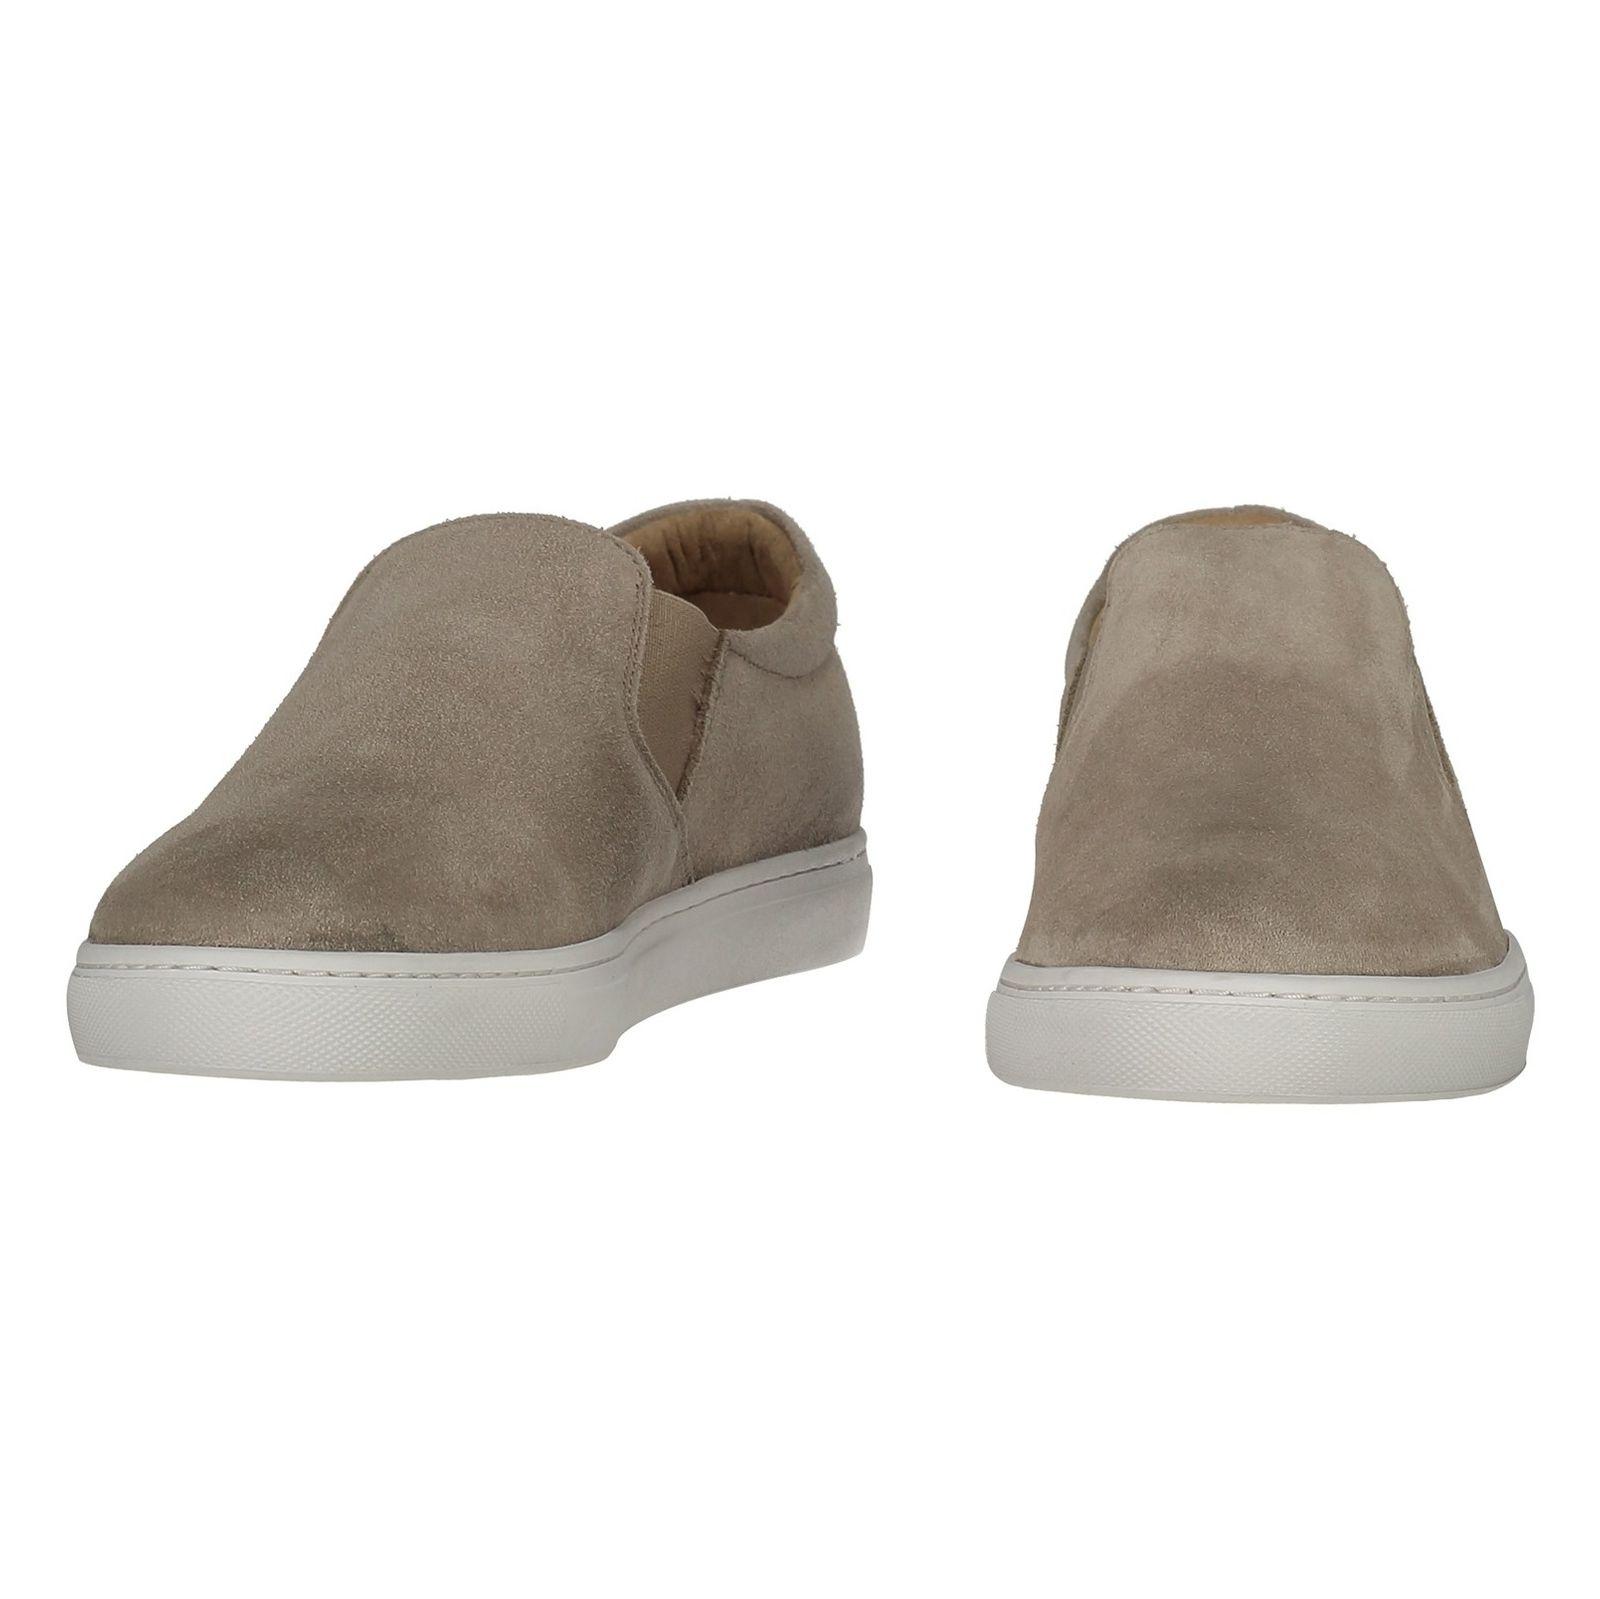 کفش جیر راحتی مردانه - سلکتد - بژ - 4